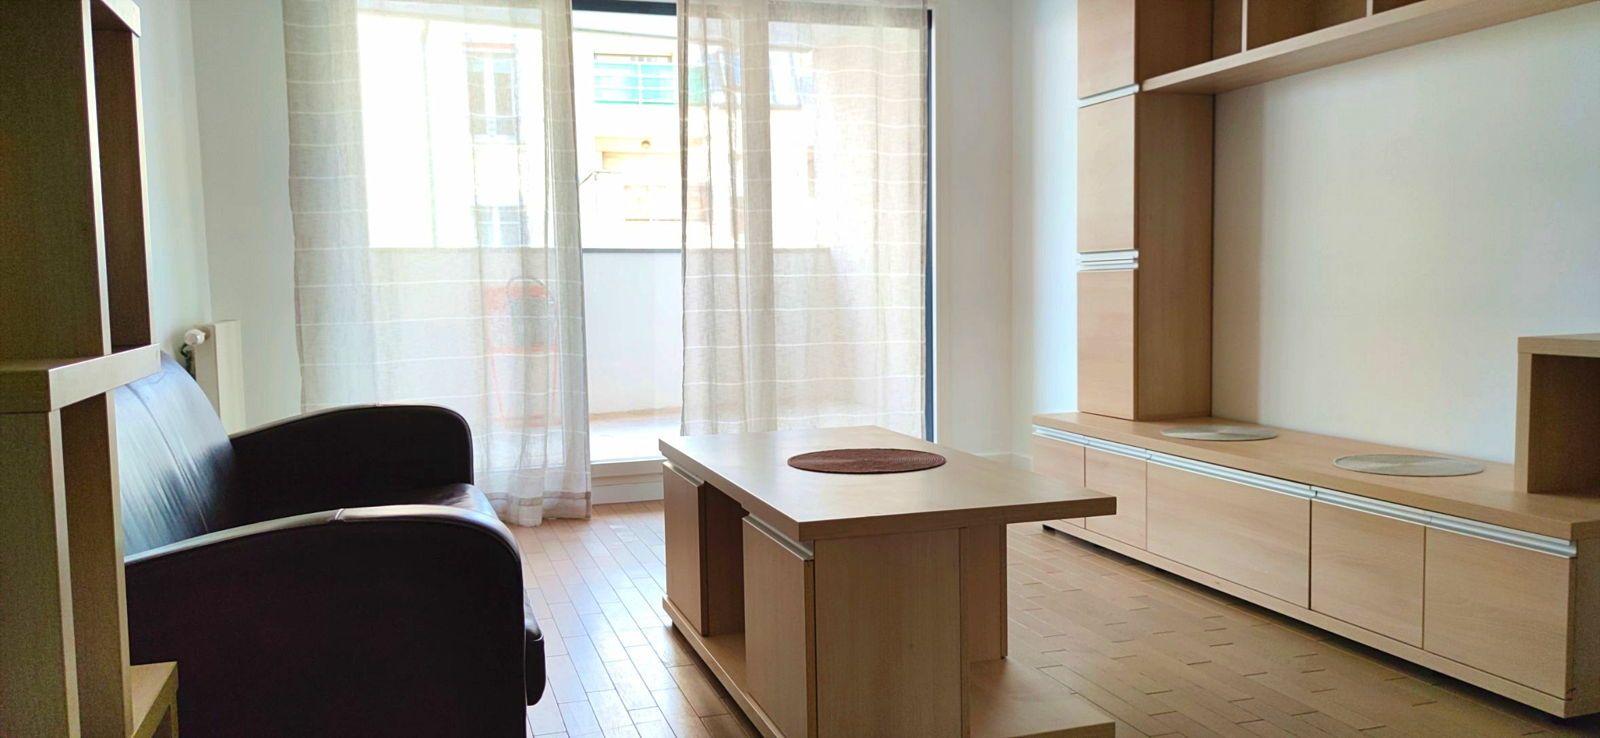 Loue Appartement 2pièces 45m²- Parking/ Balcon